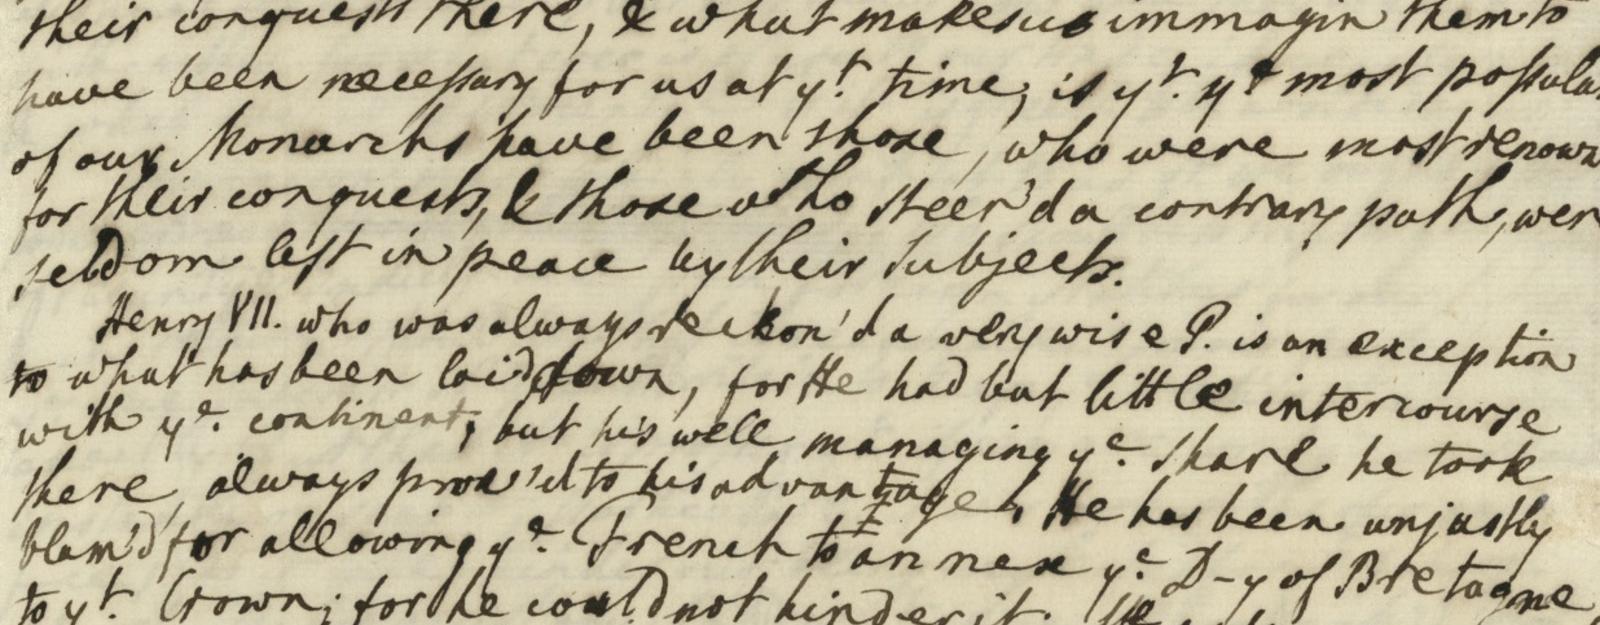 George III Essay sample